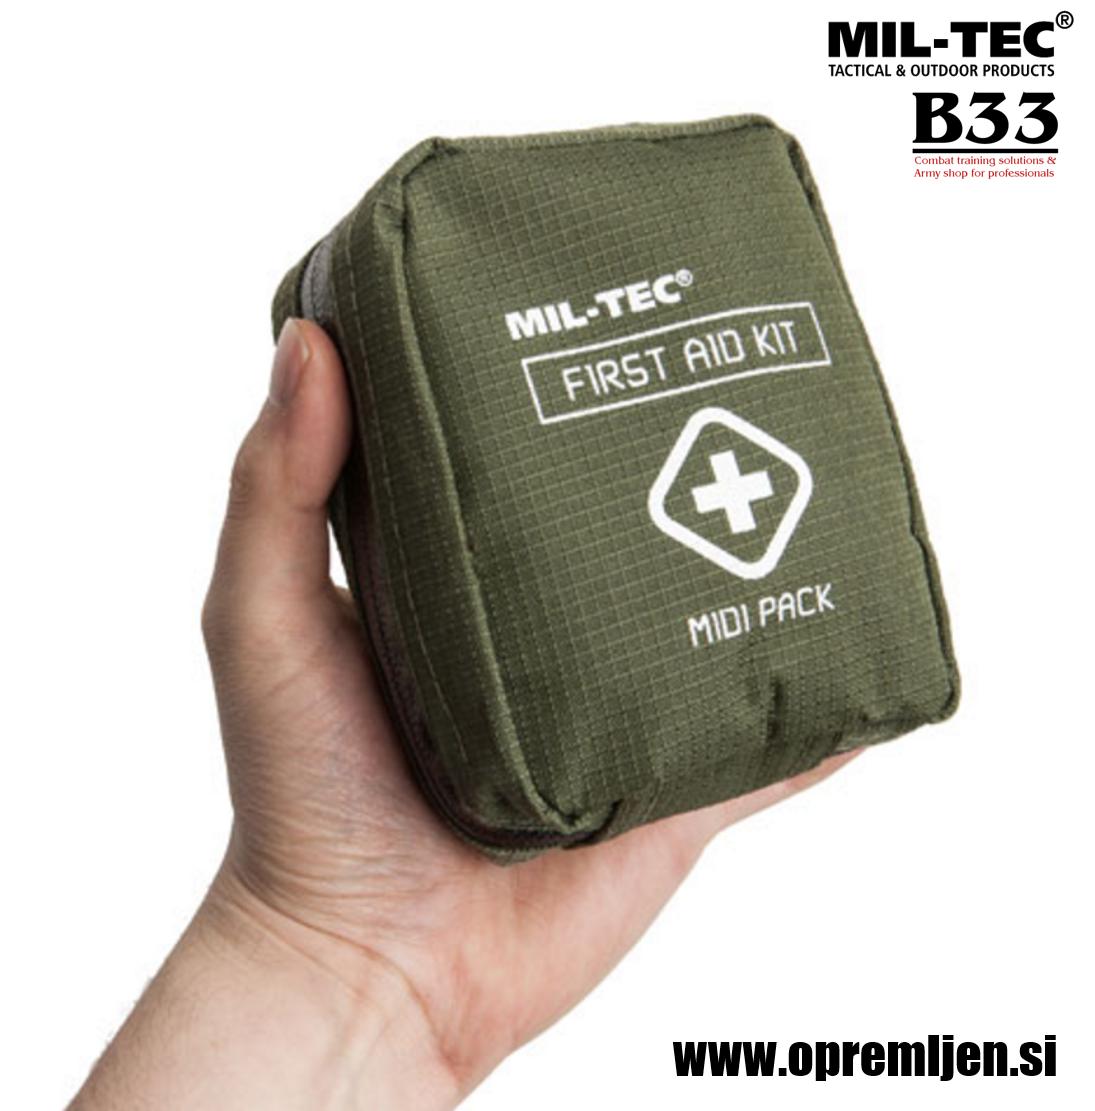 B33 army shop - prva pomoč paket MIDI at www.opremljen.si